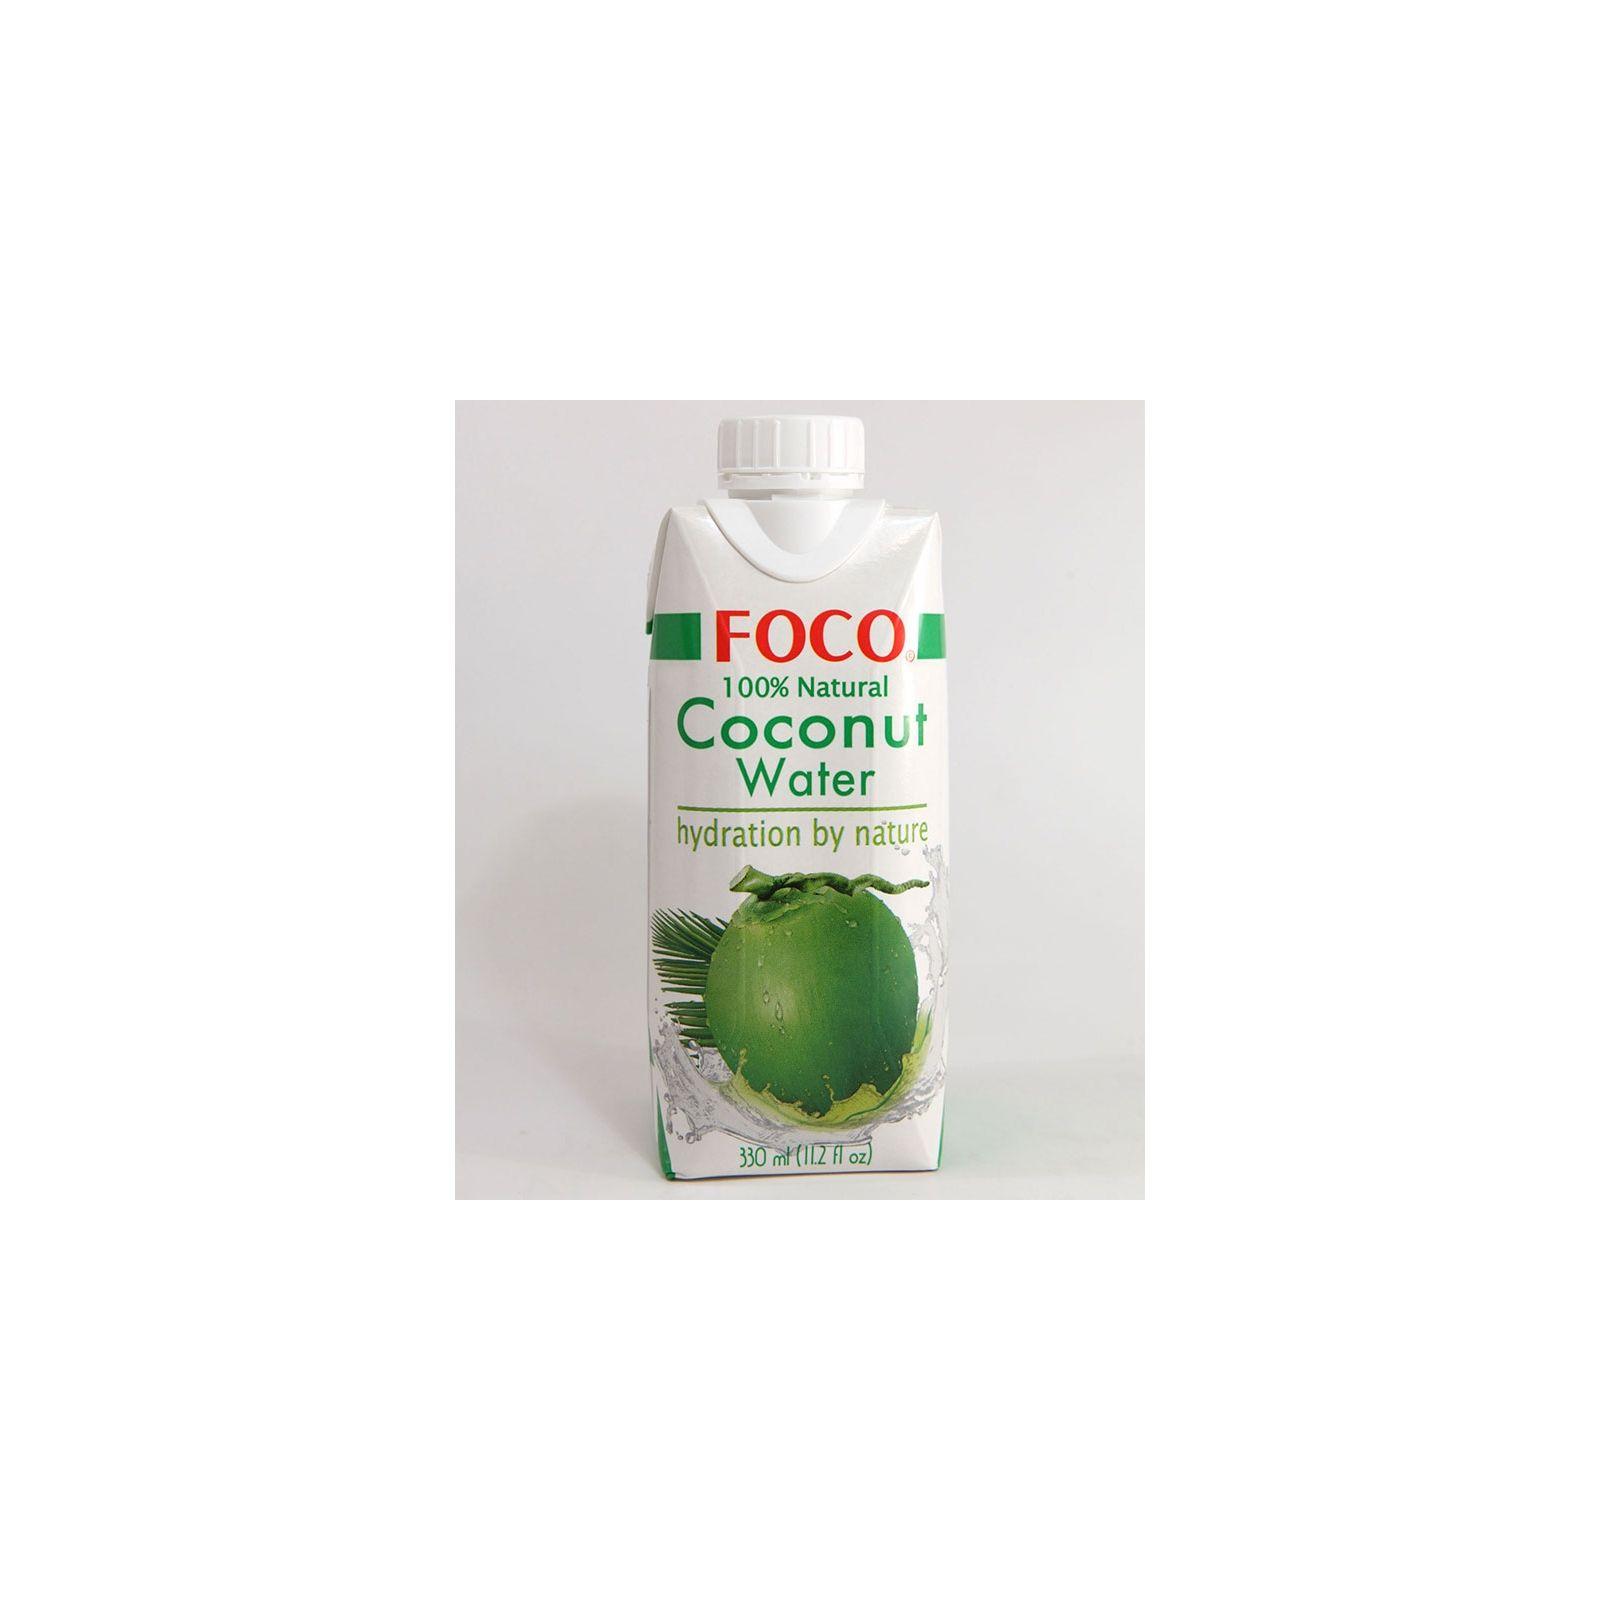 Asia Marché Eau de coco 100% Foco 33cl